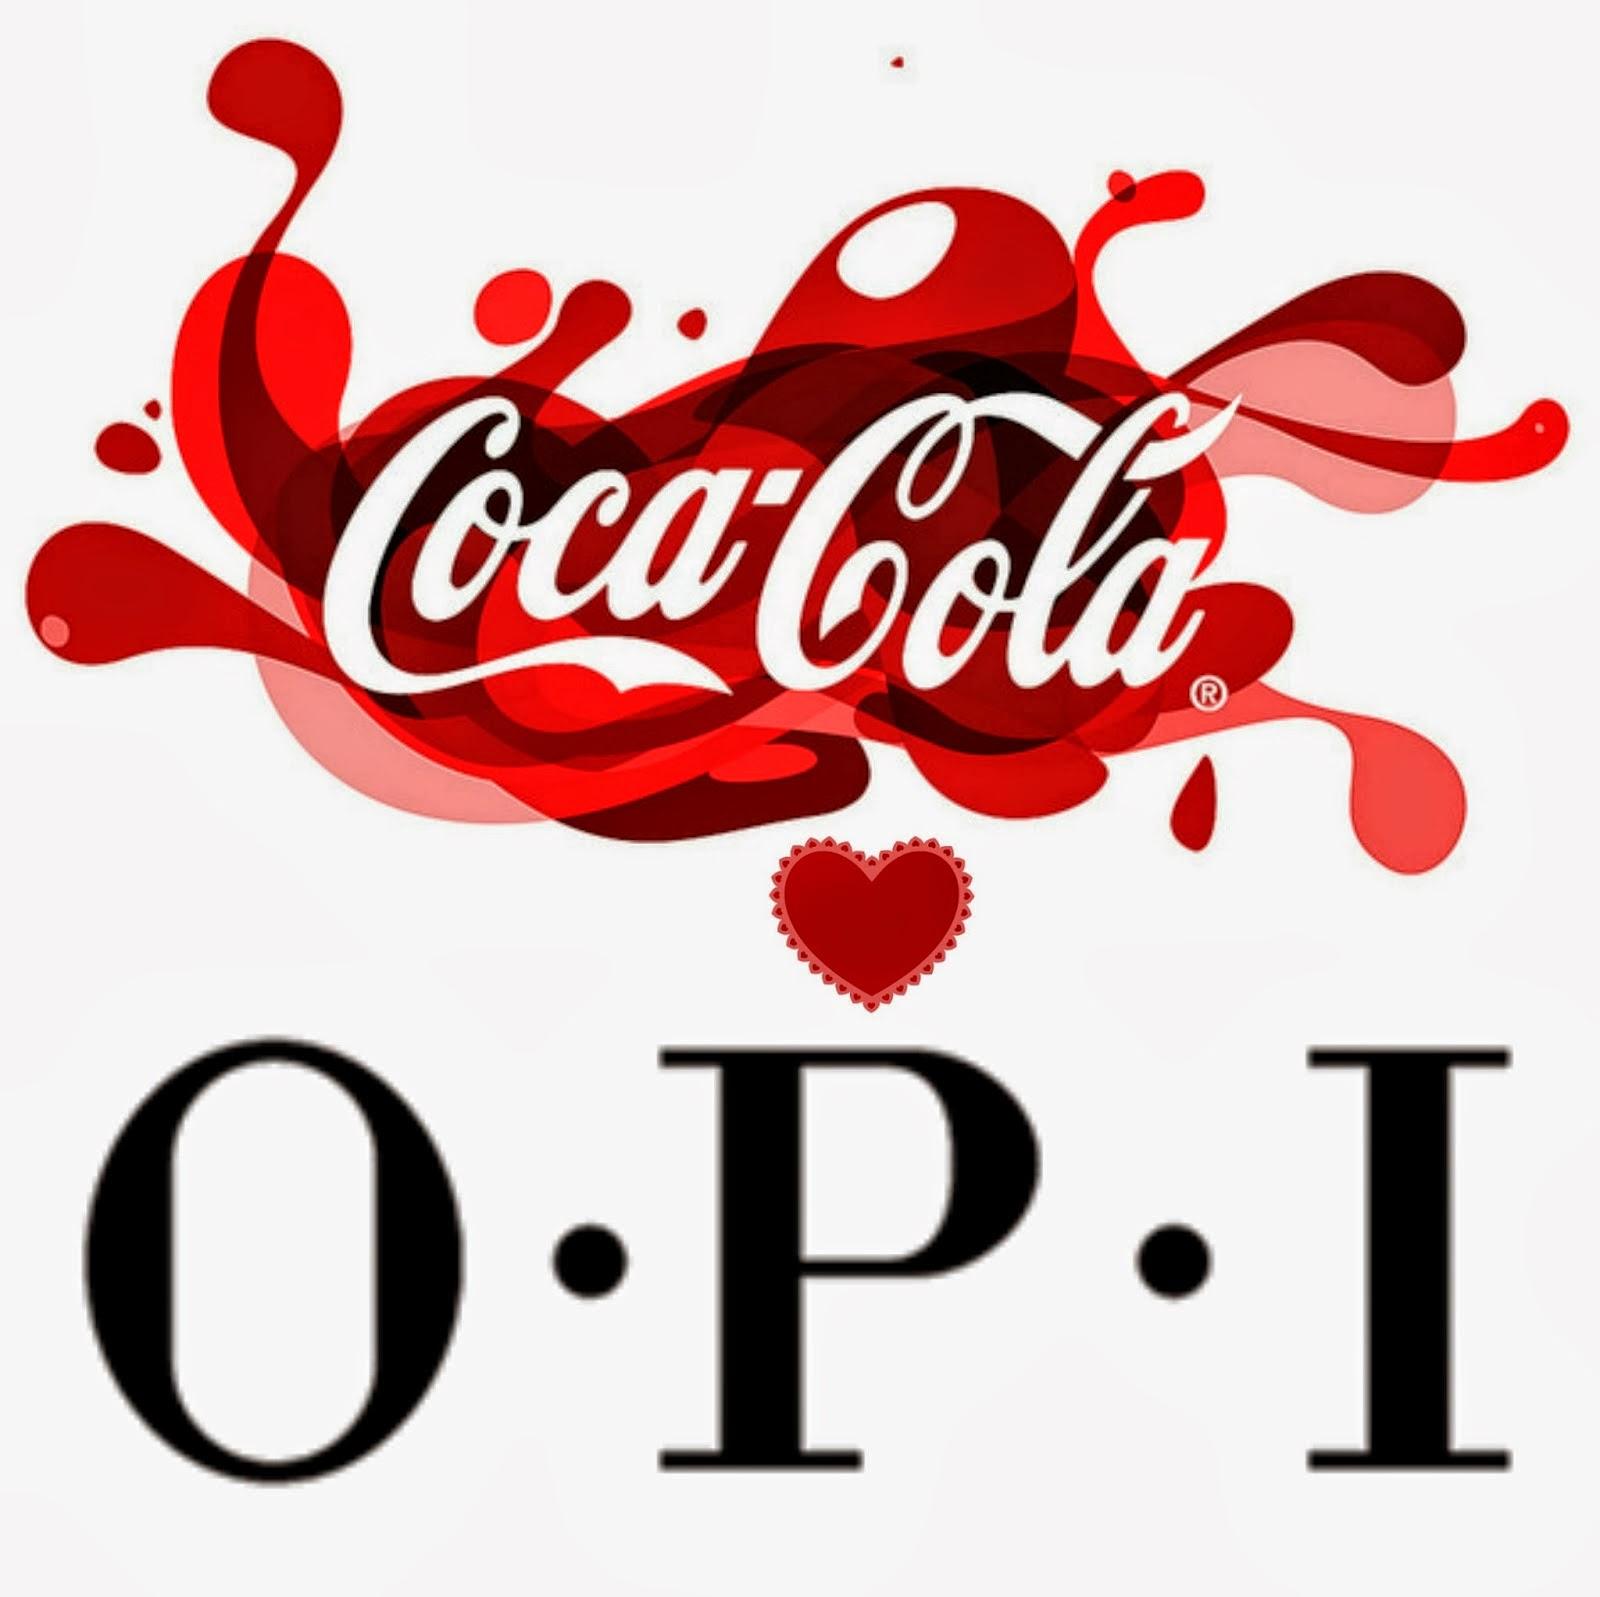 opi-coca-cola-07 jpgOpi Coca Cola